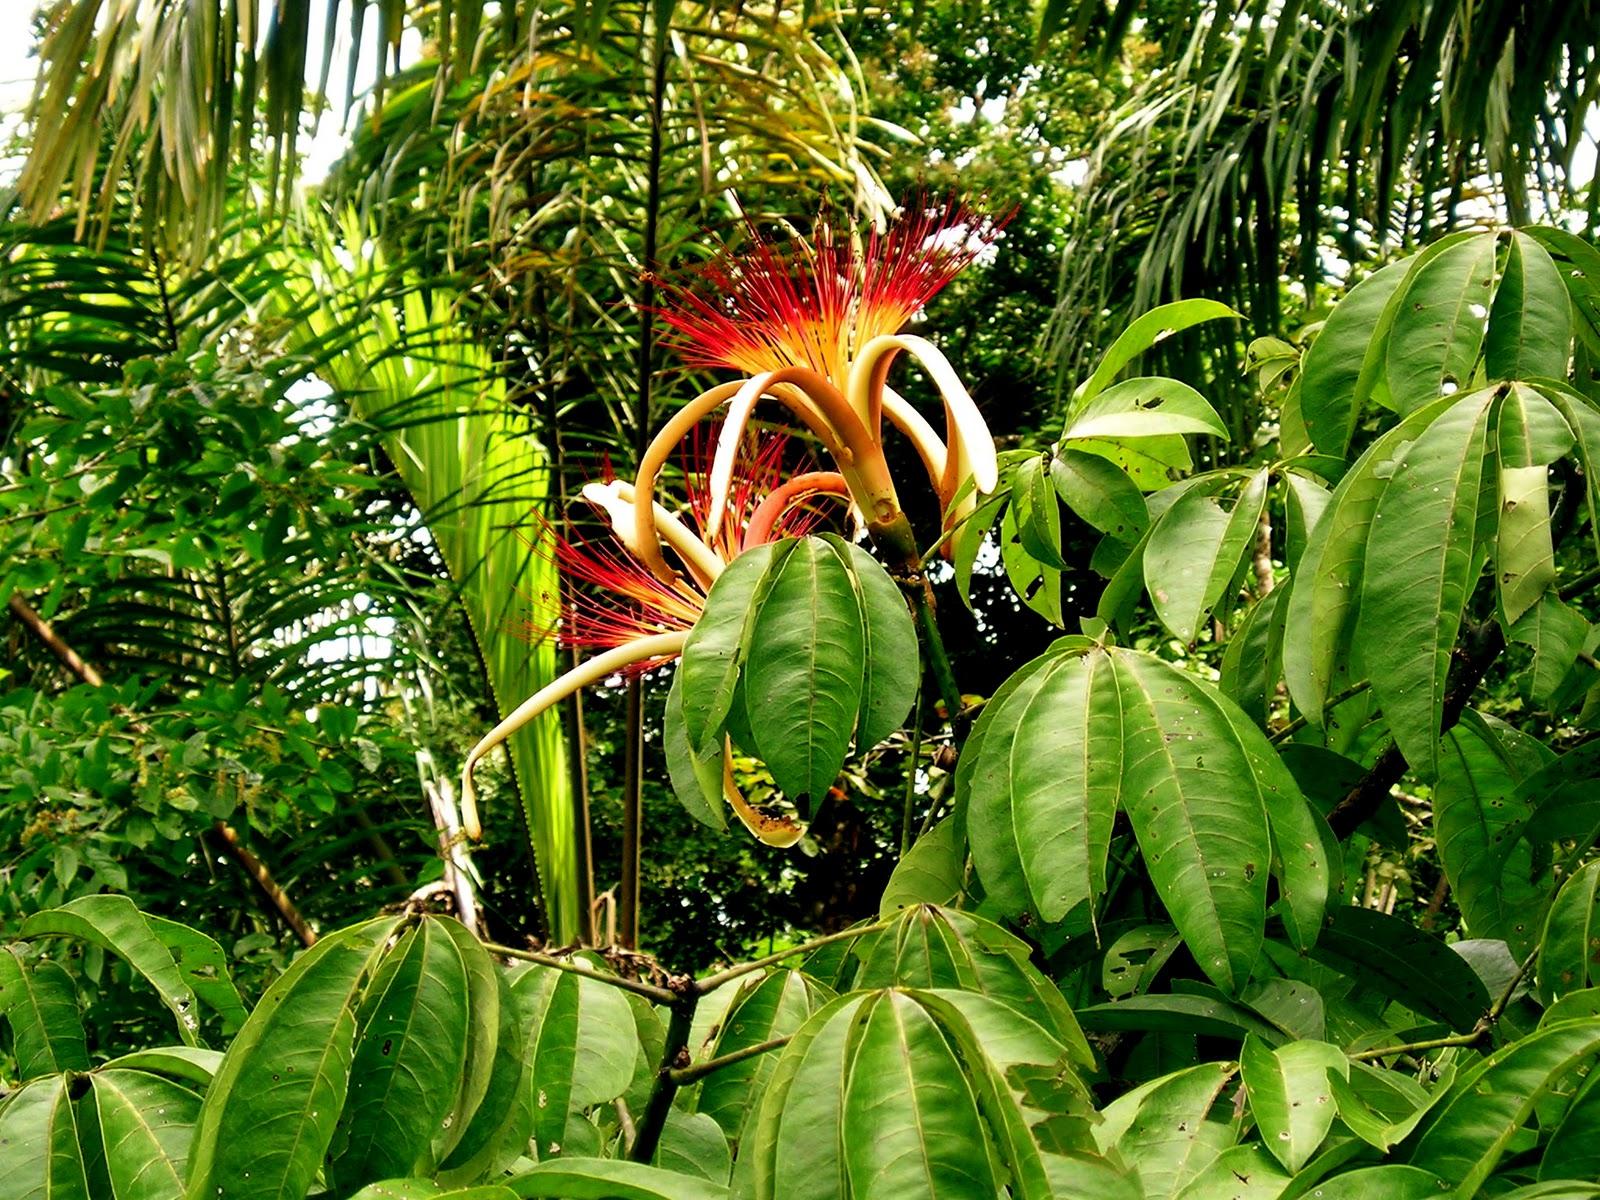 Garden planet february 2011 - Plante jungle ...